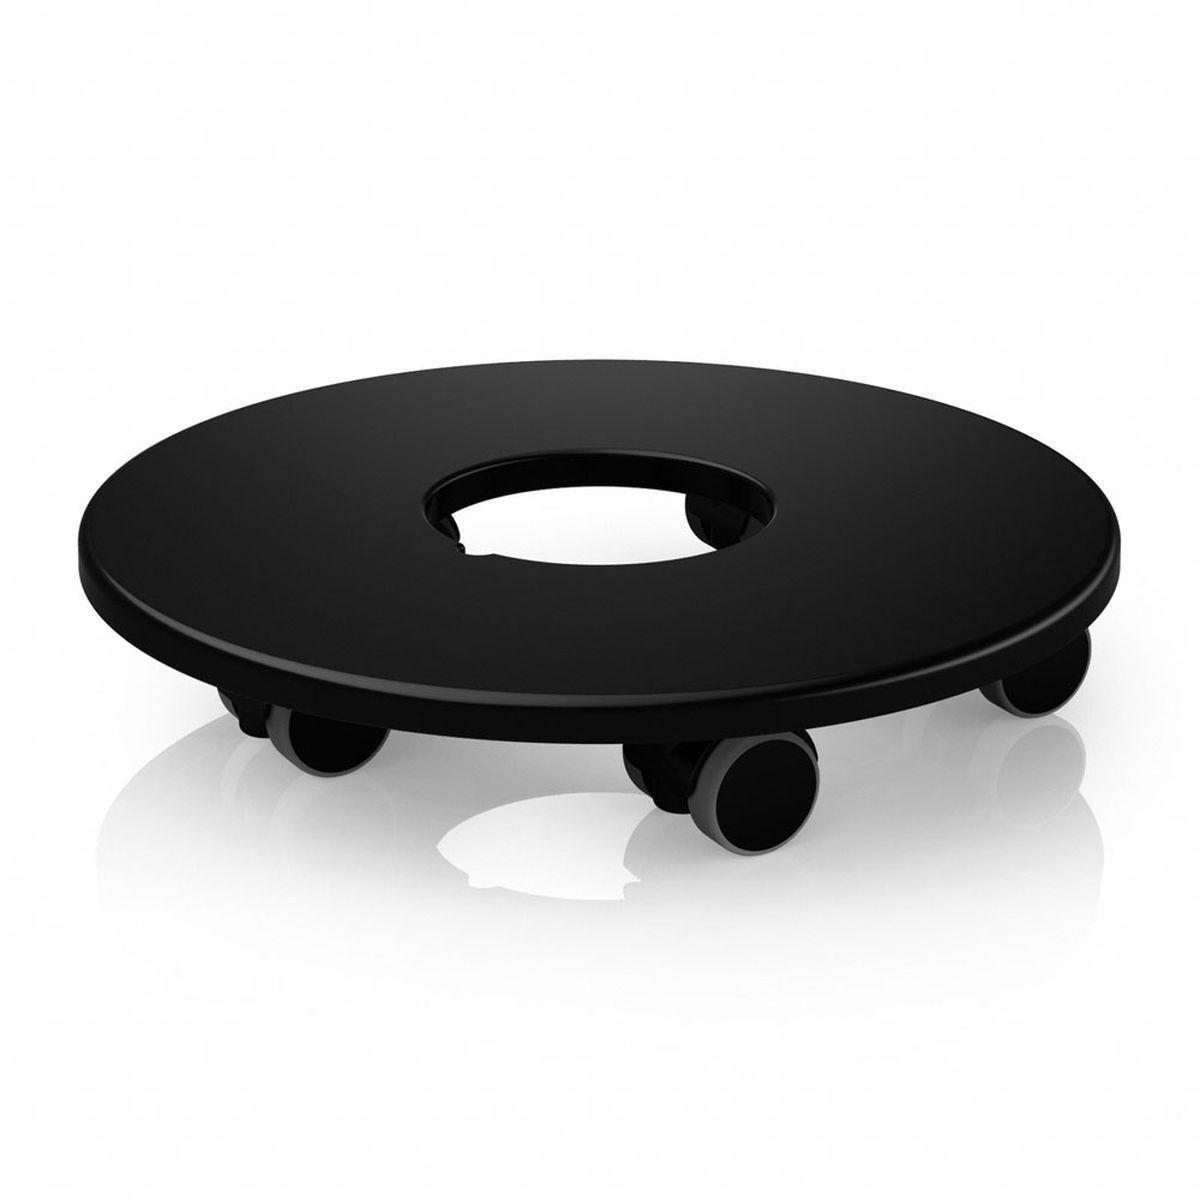 Подставка для кашпо Lechuza, на колесах, диаметр 25,5 см19880Подставка Lechuza, выполненная из высококачественного пластика, предназначено для кашпо из серий Classico и Quadro. Изделие оснащено пятью прорезиненными колесами. Такая подставка обеспечивает объемным и тяжелым кашпо мобильность во всех направлениях. С помощью передвижной подставки Lechuza, вы сможете озеленить любой уголок в доме, офисе, на даче или любых общественных местах.Диаметр поставки: 25,5 см.Внутренний диаметр: 10 см.